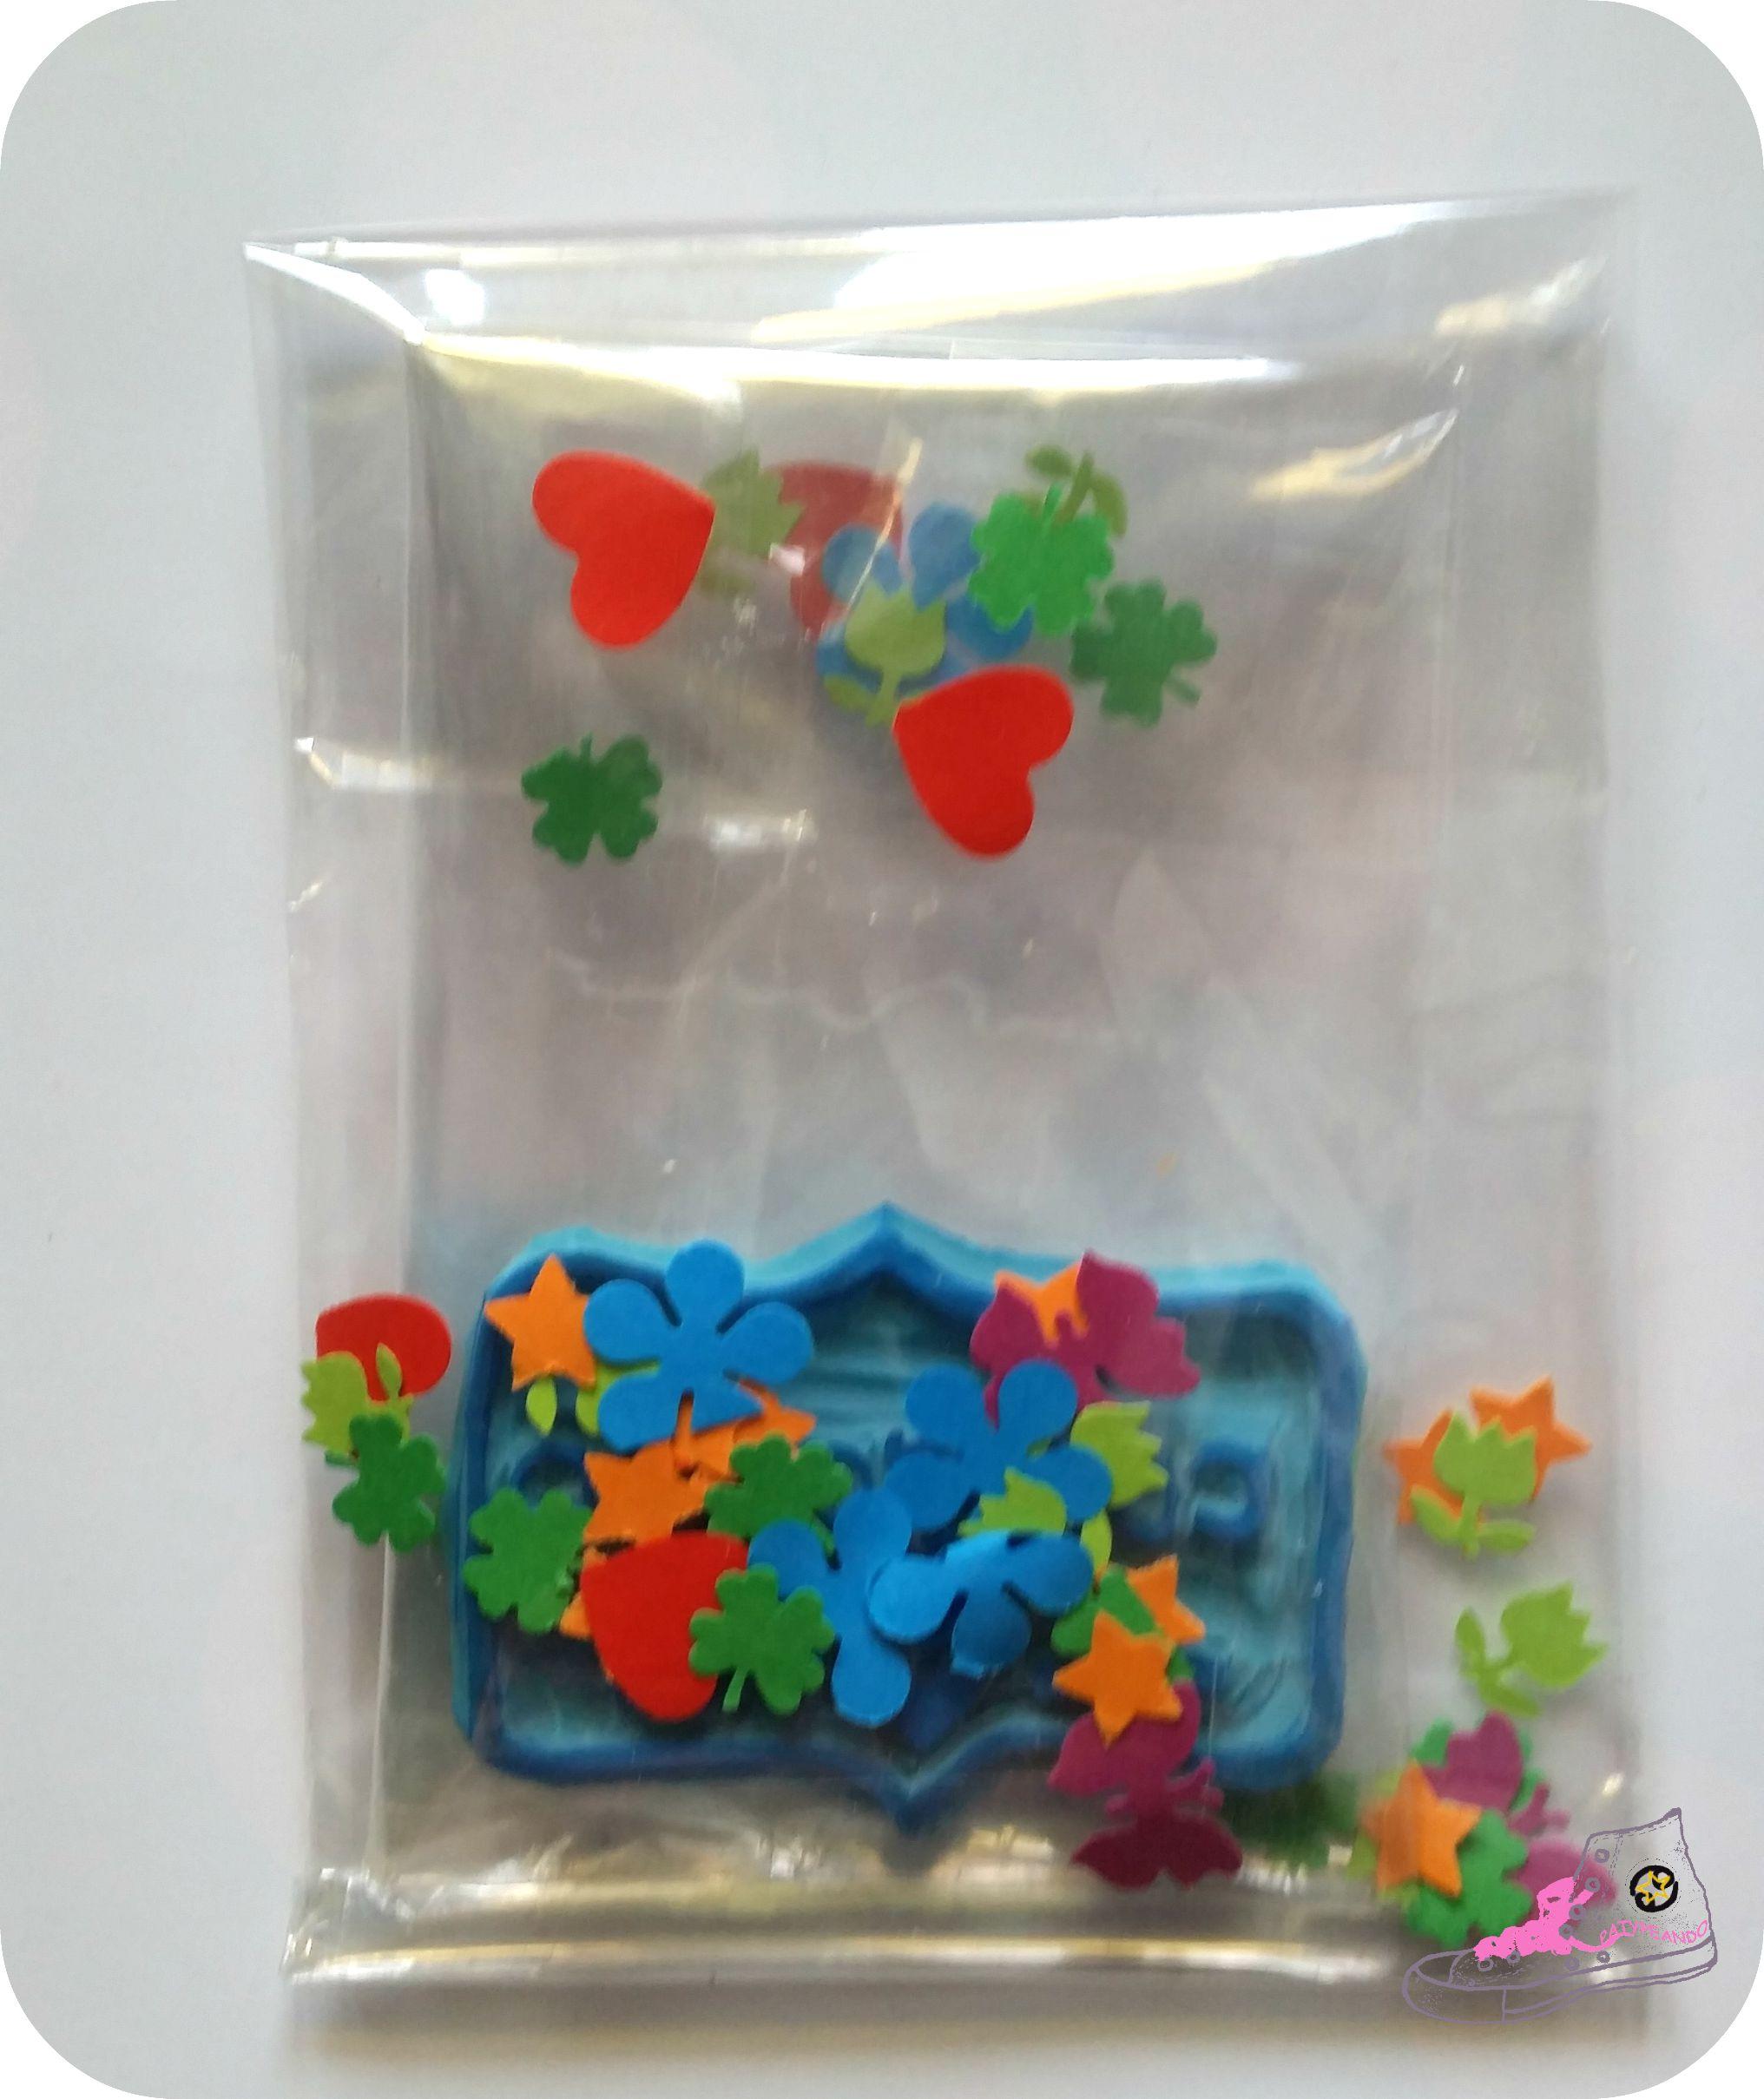 celofán y confetis